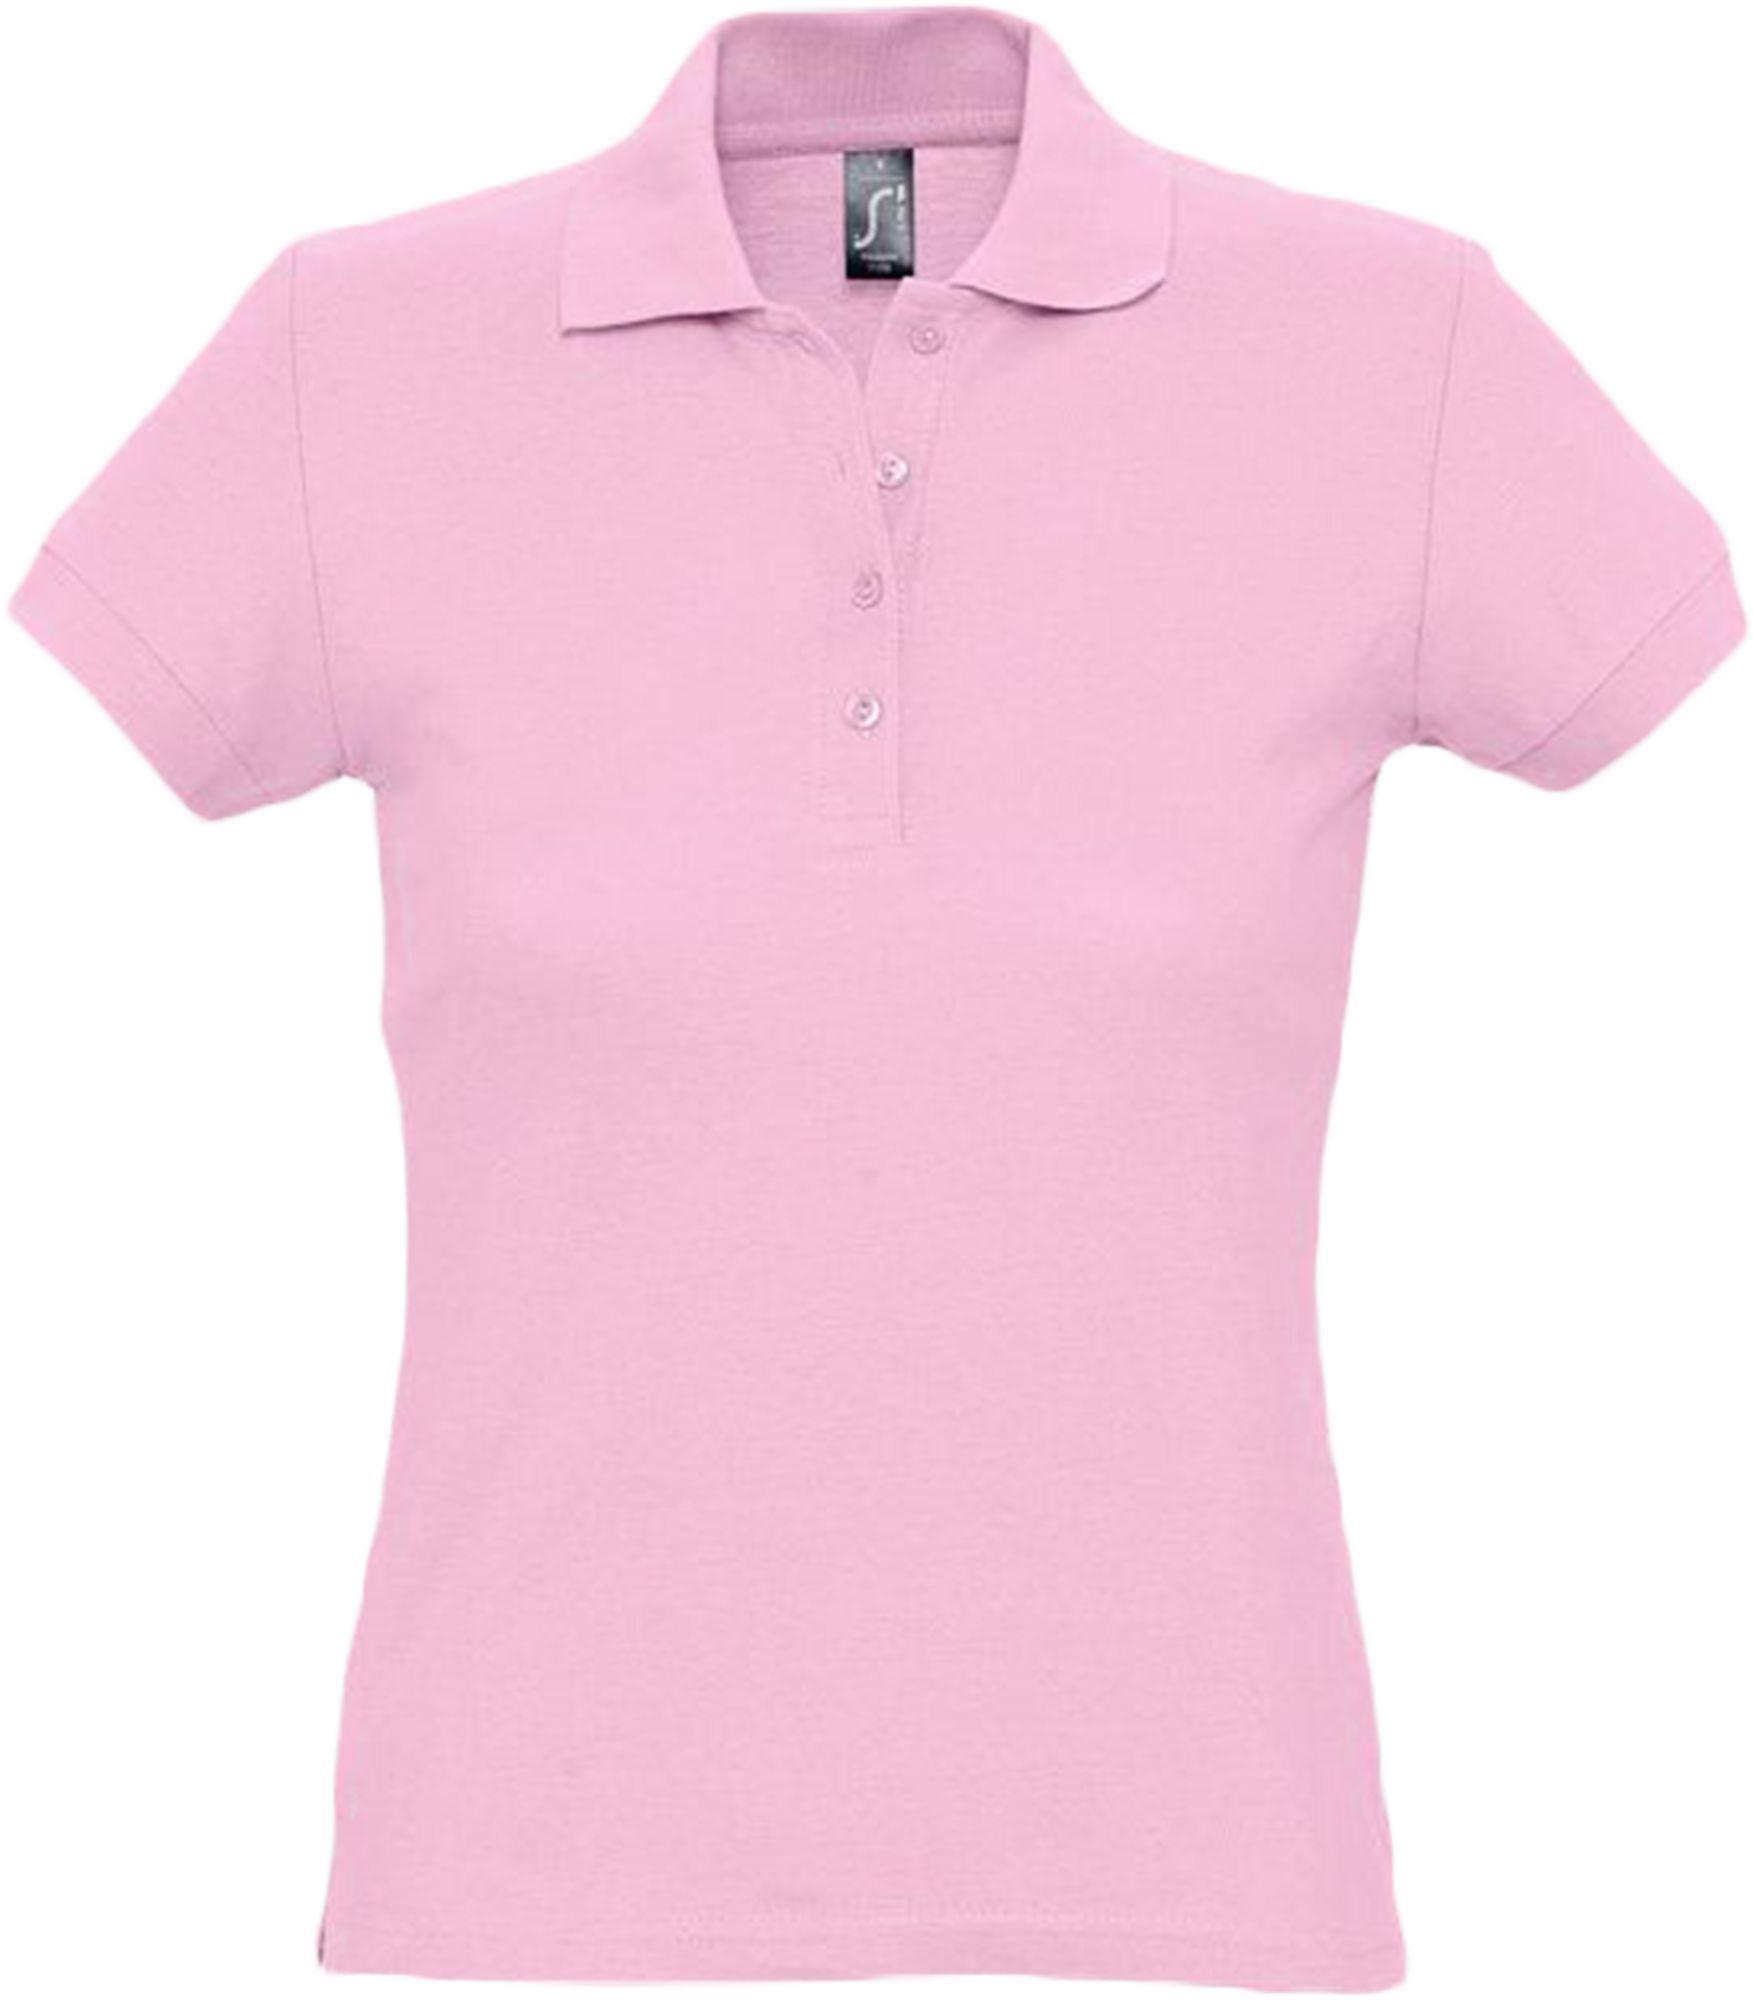 Рубашка поло женская PASSION 170, розовая